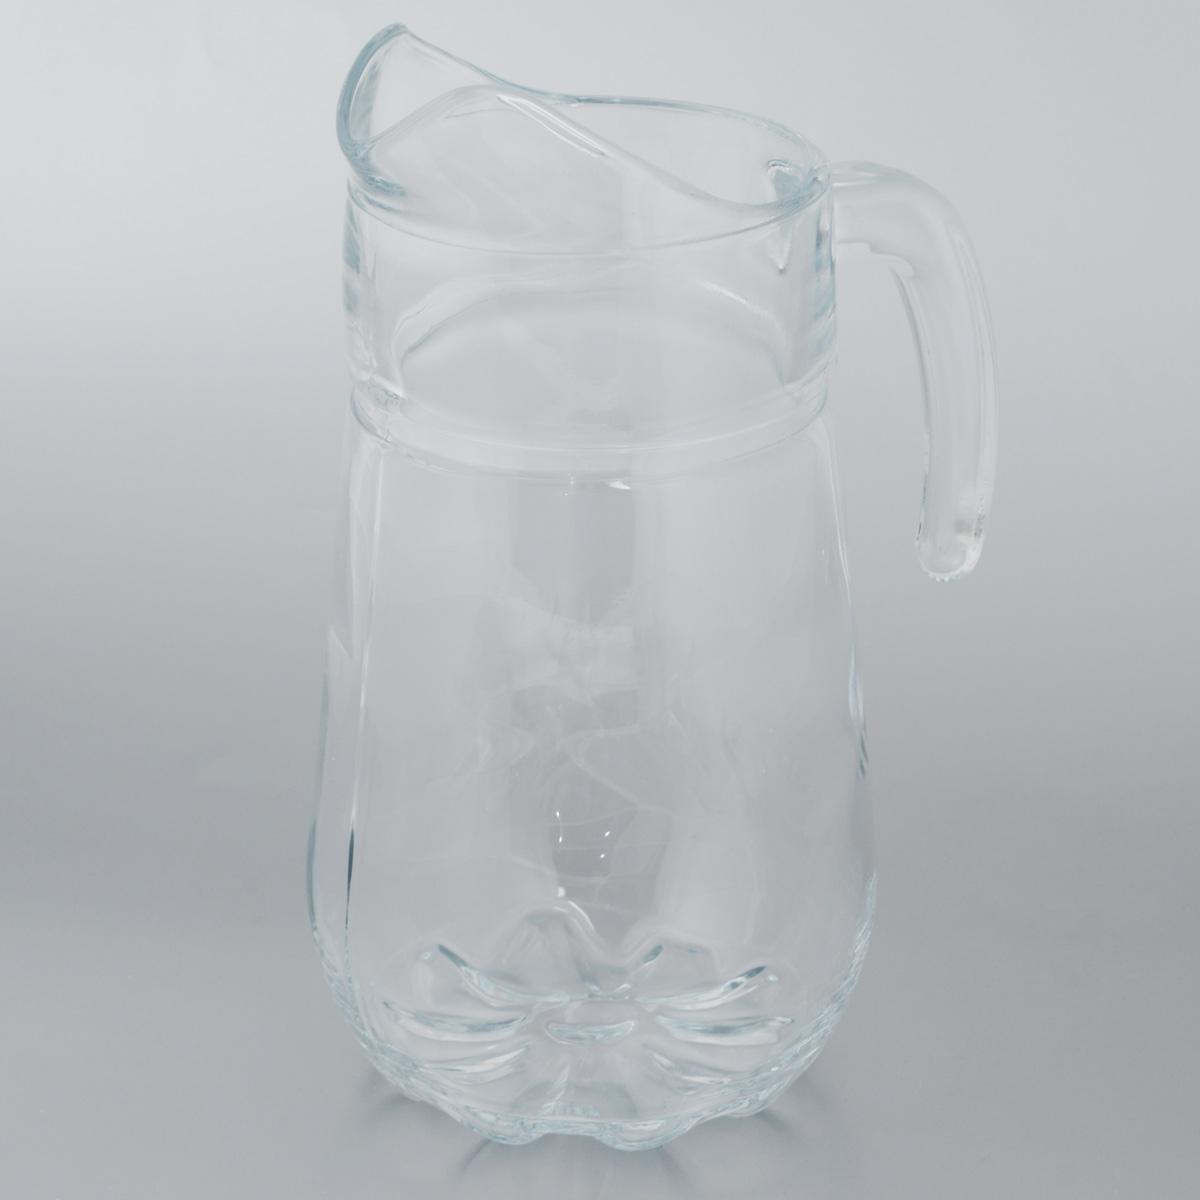 Кувшин Pasabahce Sylvana, 1,37 лVT-1520(SR)Кувшин Sylvana, выполненный из прочного натрий-кальций-силикатного стекла, элегантно украсит ваш стол. Кувшин прекрасно подойдет для подачи воды, сока, компота и других напитков. Изделие оснащено ручкой и специальным носиком для удобного выливания жидкости. Совершенные формы и изящный дизайн, несомненно, придутся по душе любителям классического стиля. Кувшин Sylvana дополнит интерьер вашей кухни и станет замечательным подарком к любому празднику.Можно мыть в посудомоечной машине.Диаметр кувшина по верхнему краю (без учета носика): 9 см.Высота кувшина: 24,5 см.